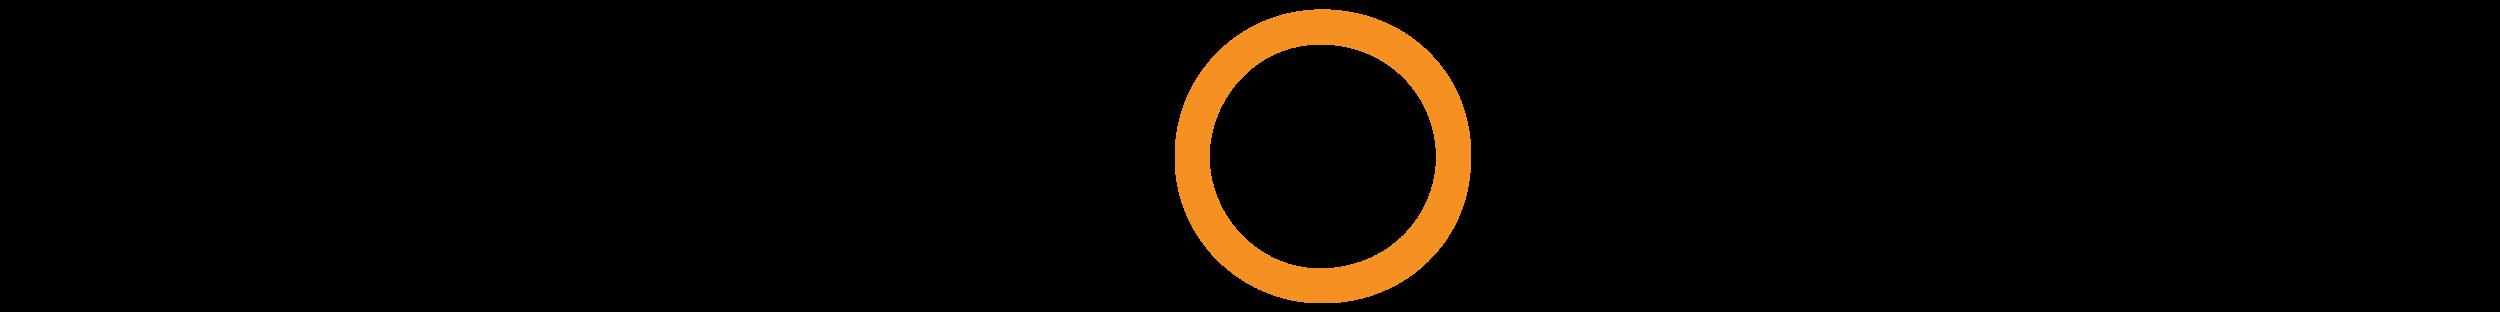 sp_2014_logo_black_orange_rgb_1200_152.png